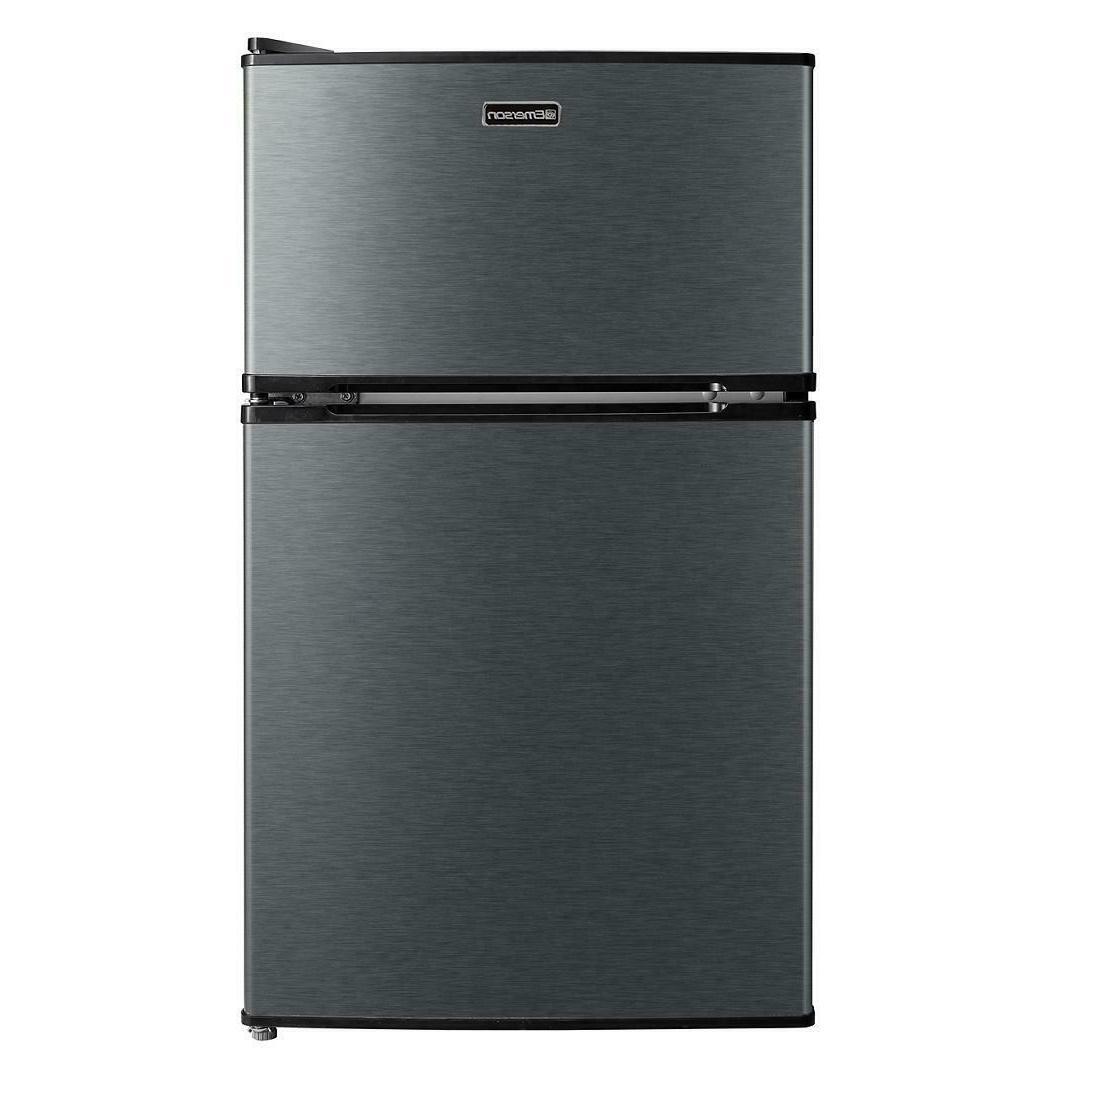 3.1 Cu Ft Stainless Steel Mini Fridge Freezer 2-Door Compact